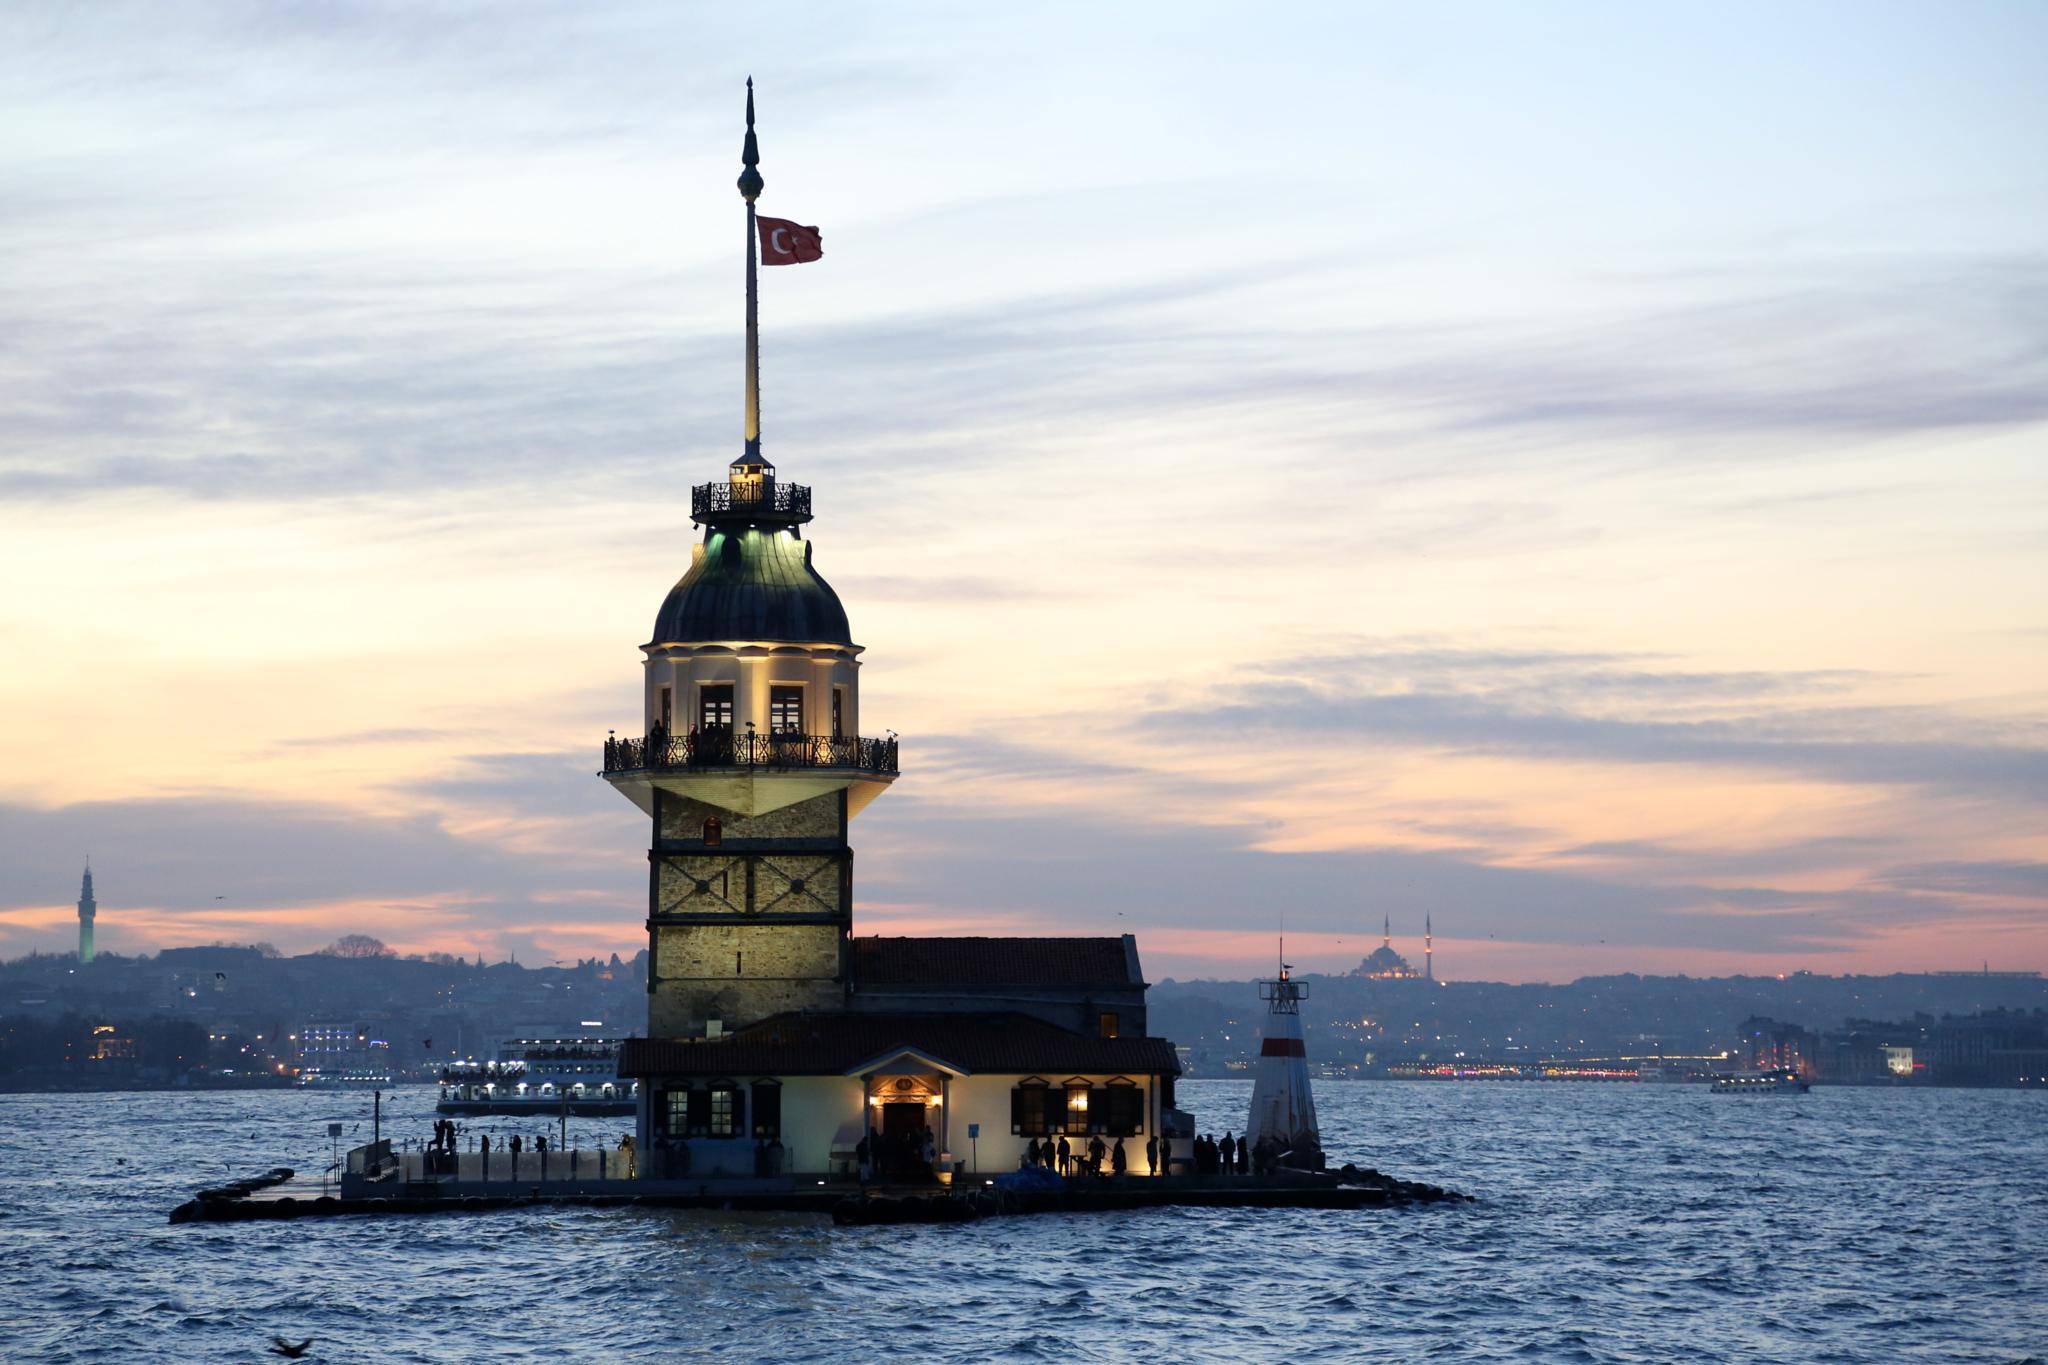 In the Middle of the Sea of Marmara by Atila_Yumusakkaya